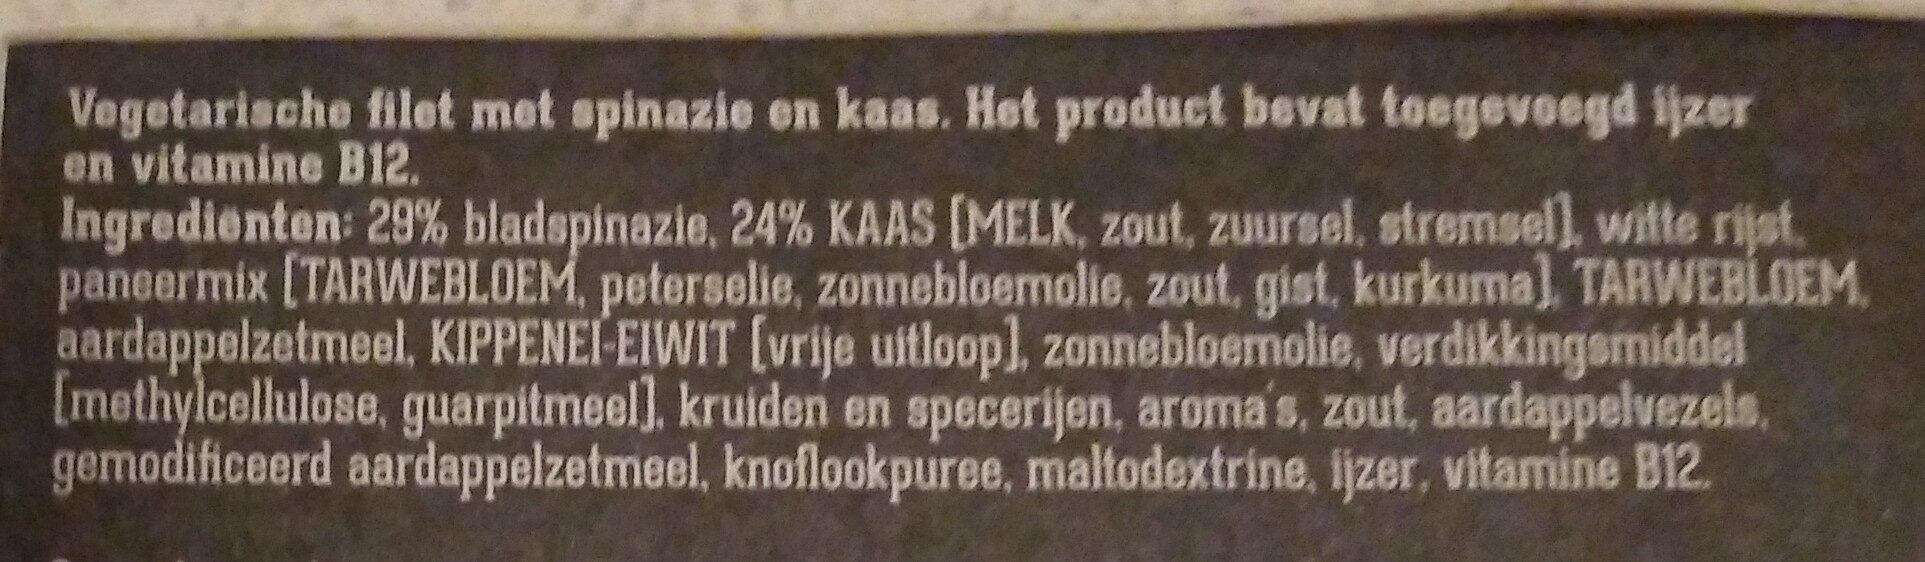 Spinazie Kaas Filet - Ingrédients - nl